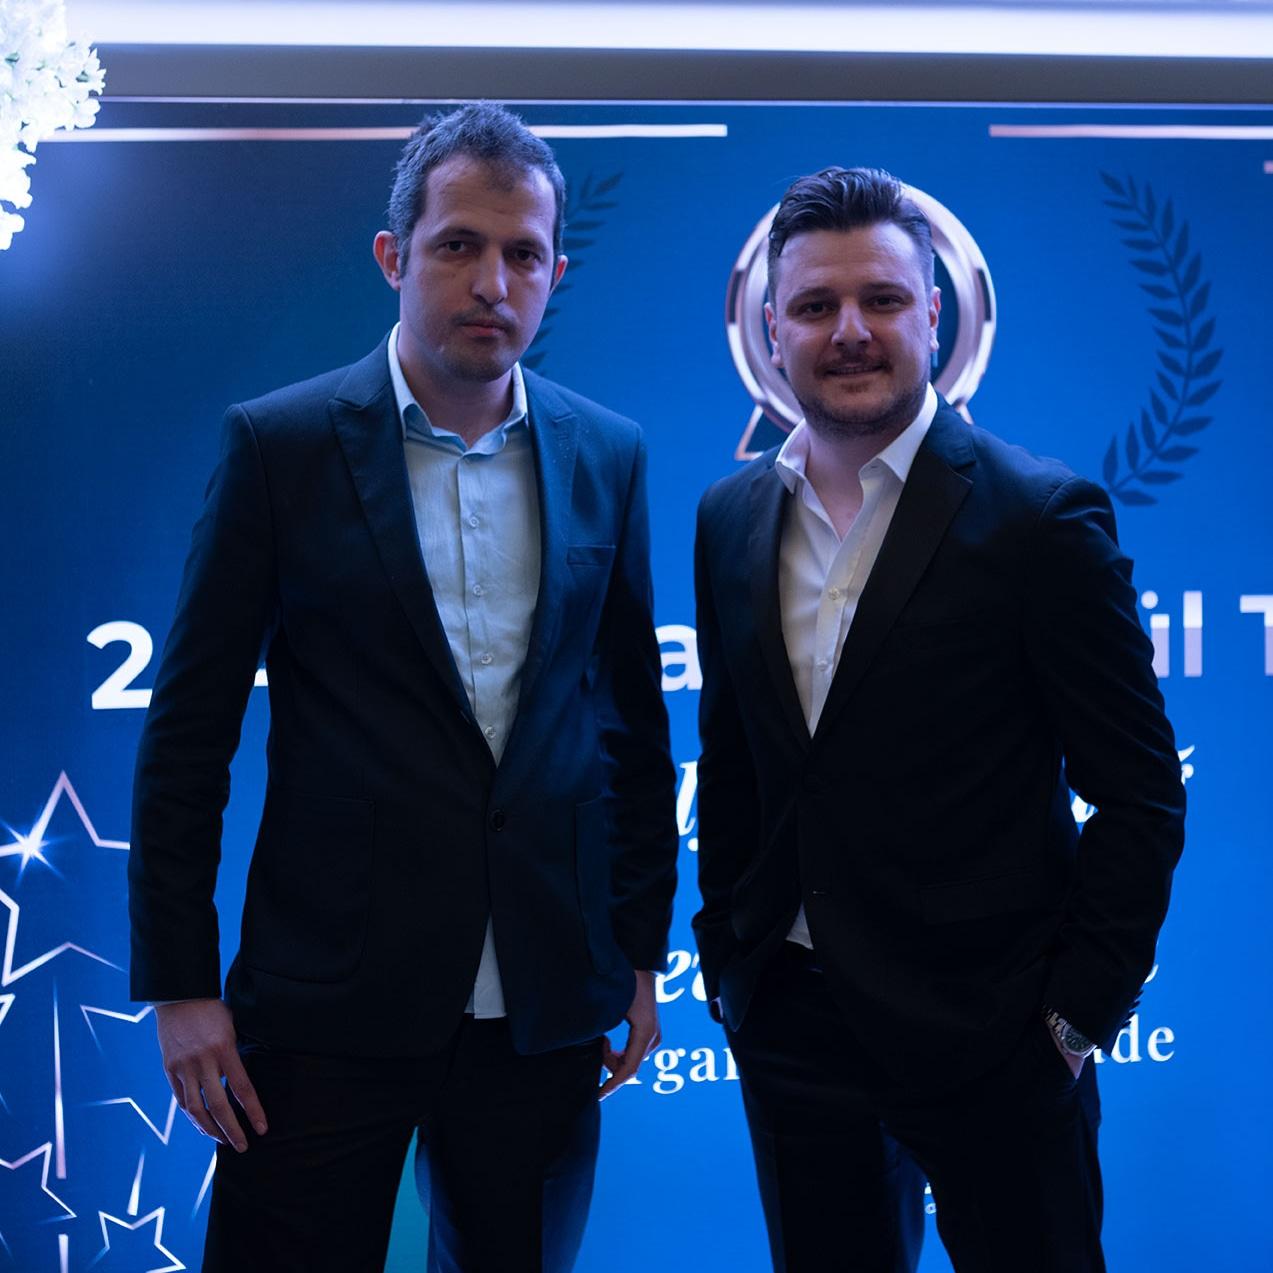 Altın Kalite Ödülleri sahiplerini buldu Sedat Sarıkaya'ya altın kalite ödülü